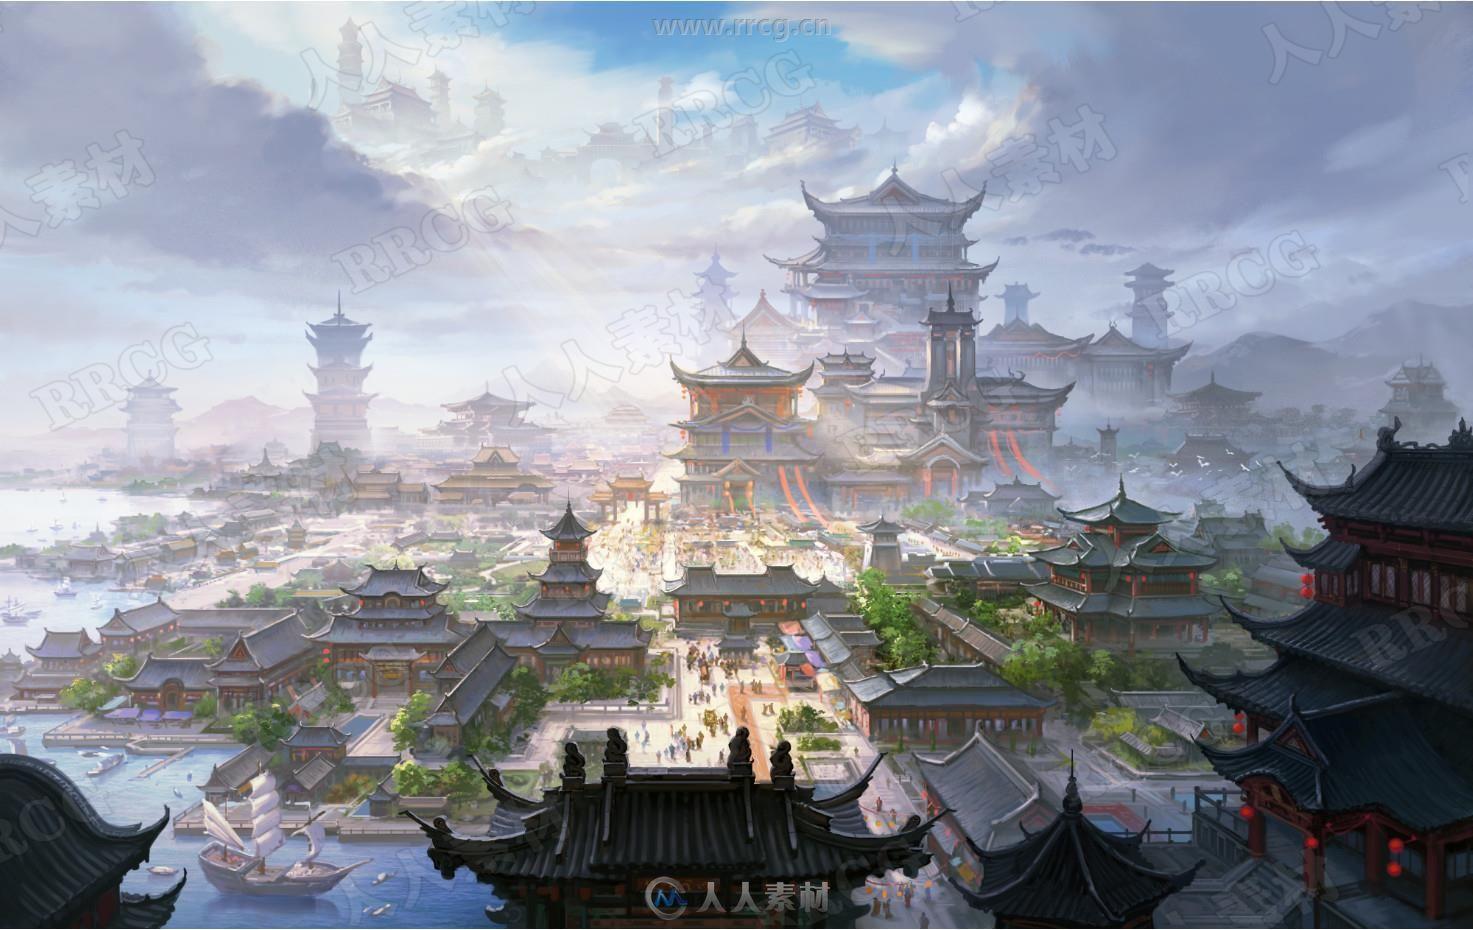 古风传统建筑山水风景游戏场景原画集